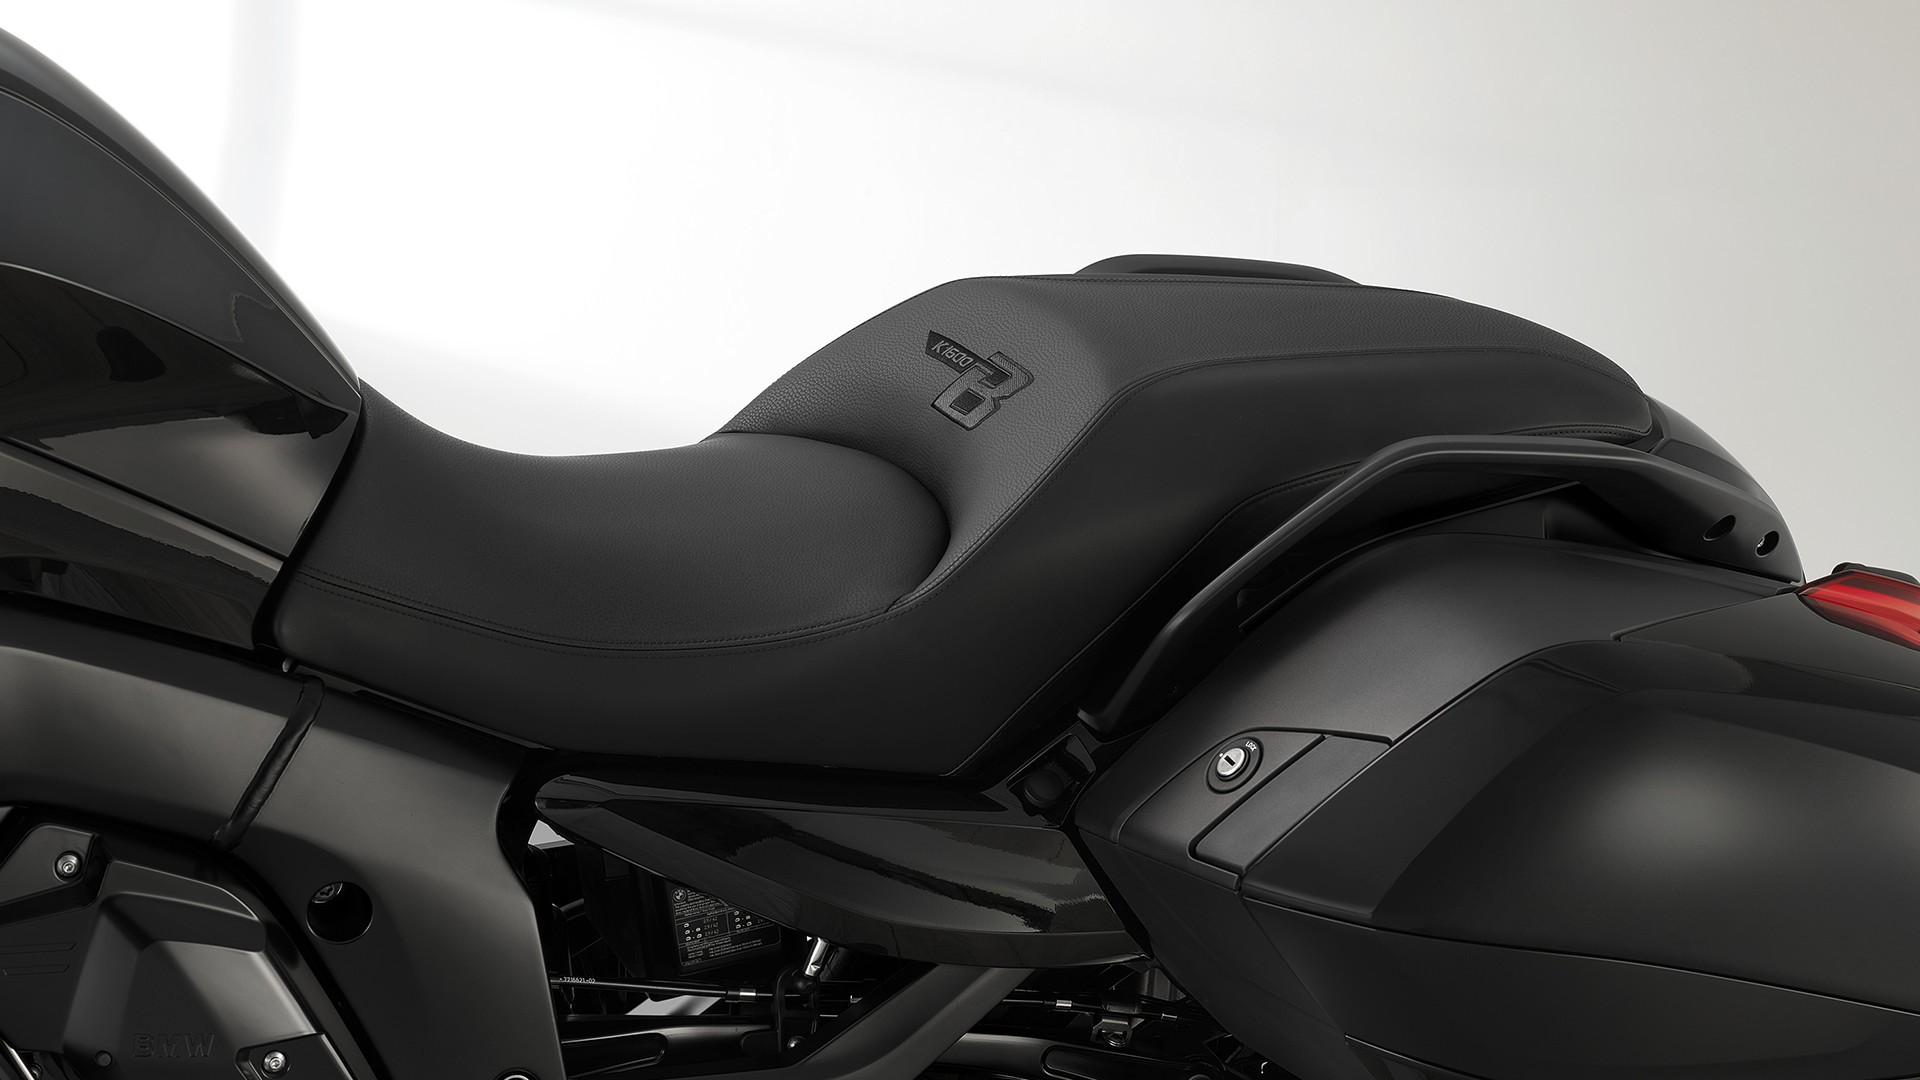 Низкое сиденье для большего комфорта.